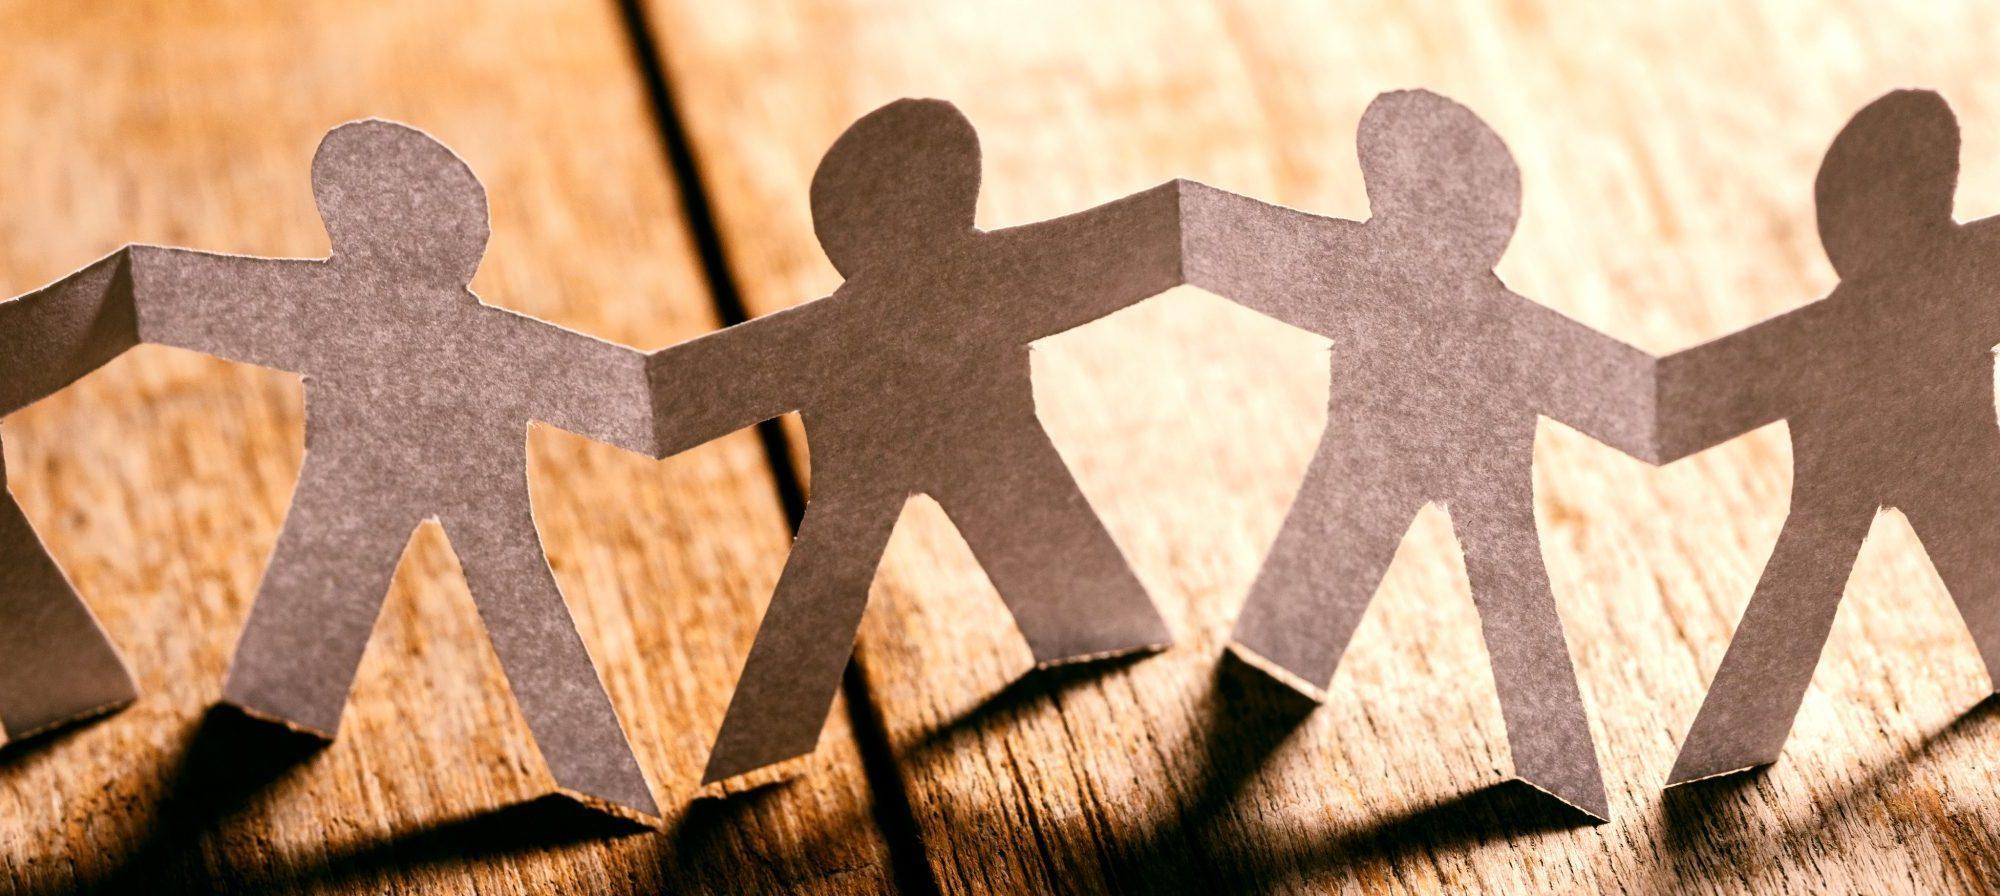 GeDaan Communicatie helpt bedrijven met strategie, advies en uitvoering